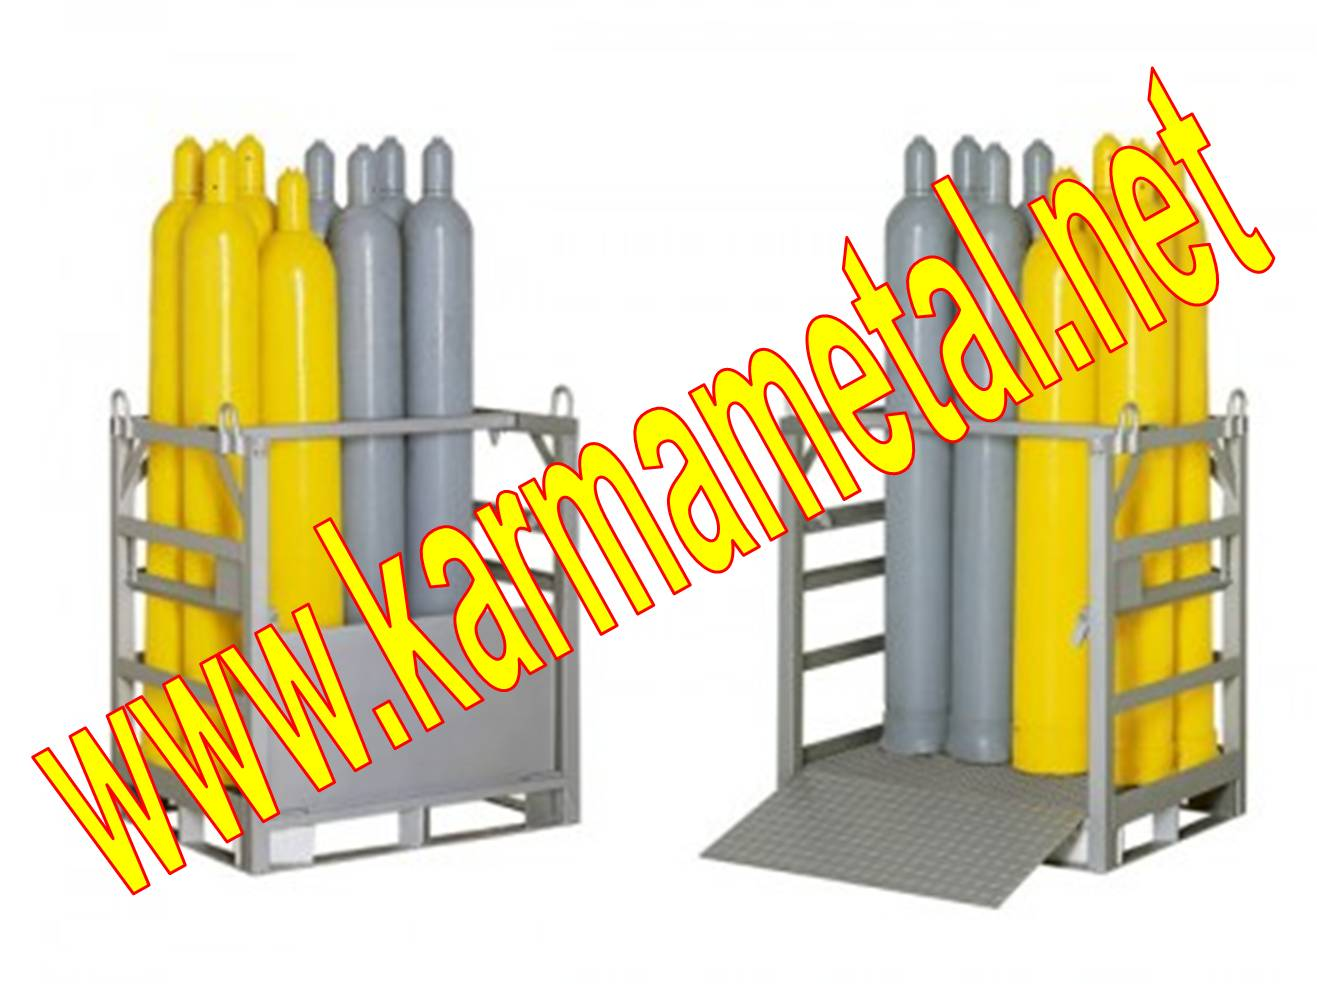 basincli-oksijen-azot-propan-lpg-medikal-tibbi-sanayi-manifold-demeti-tup-gaz-tupu-tupleri-tasima-stoklama-depolama-doabi-dolaplari-kabini-kabinleri-kasasi-sepeti-paleti-kasalari (8)